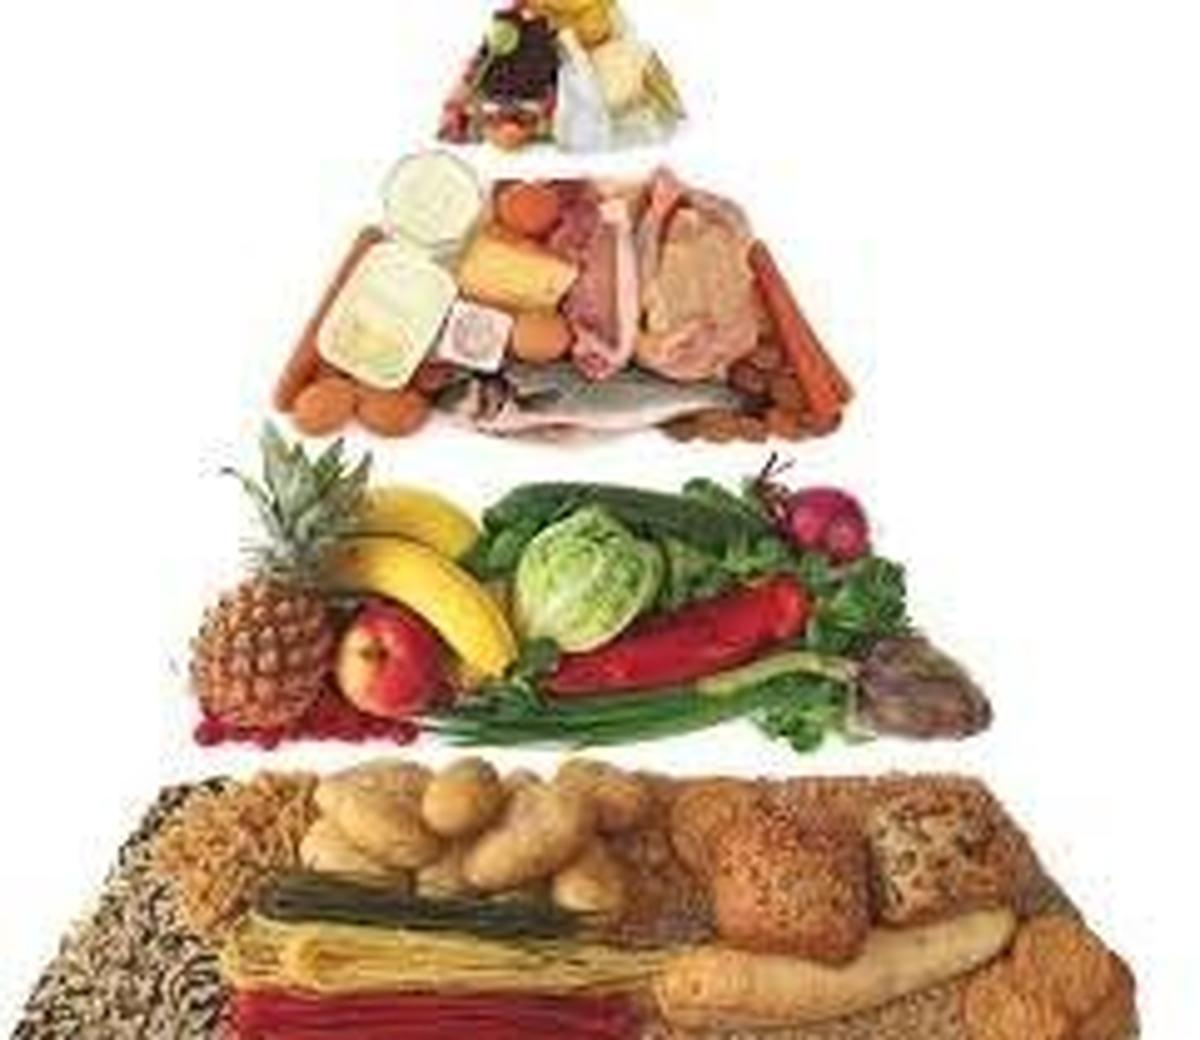 تغذیه سالم در شرایط اپیدمی کرونا